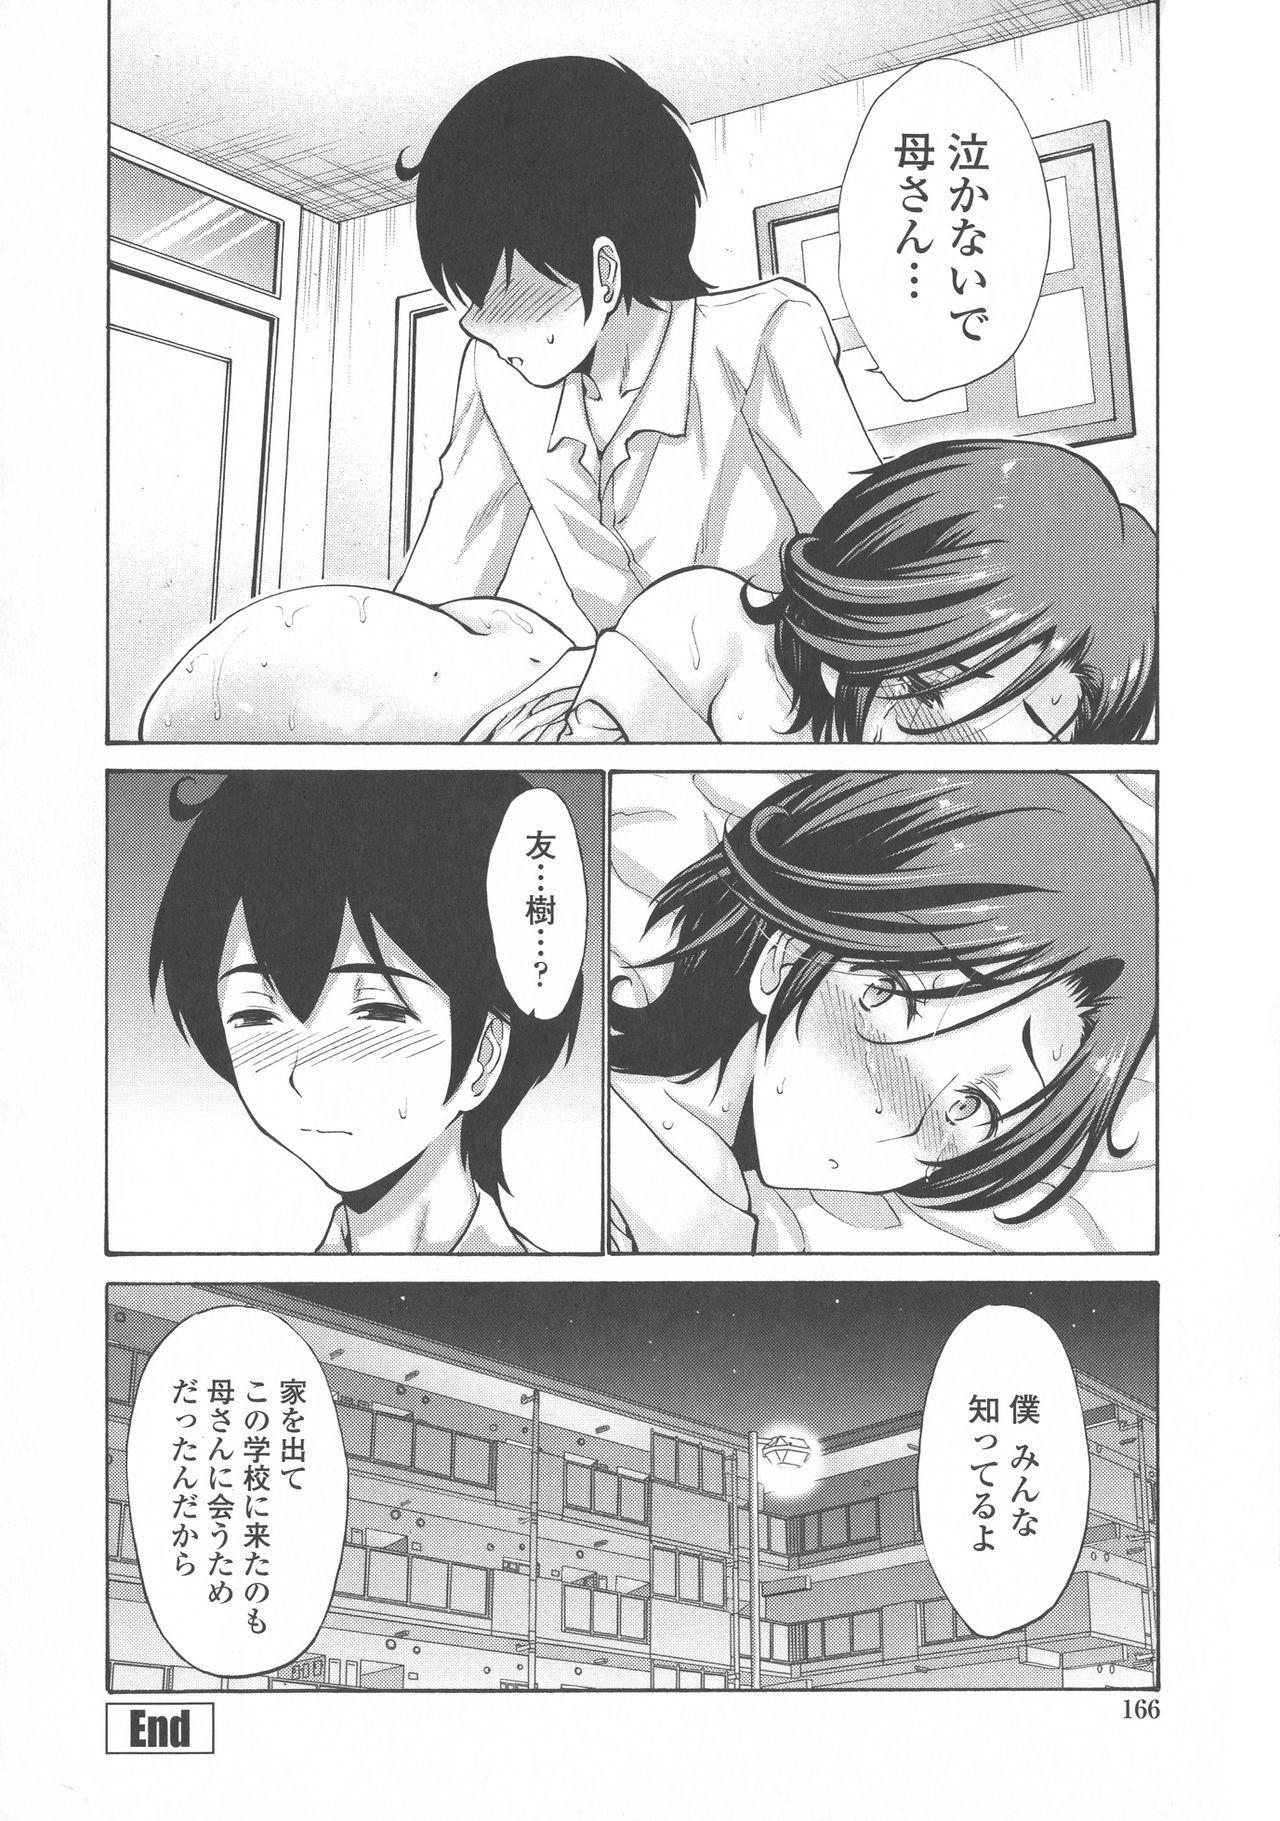 Tomodachi no Haha wa Boku no Mono - His Mother is My Love Hole 170